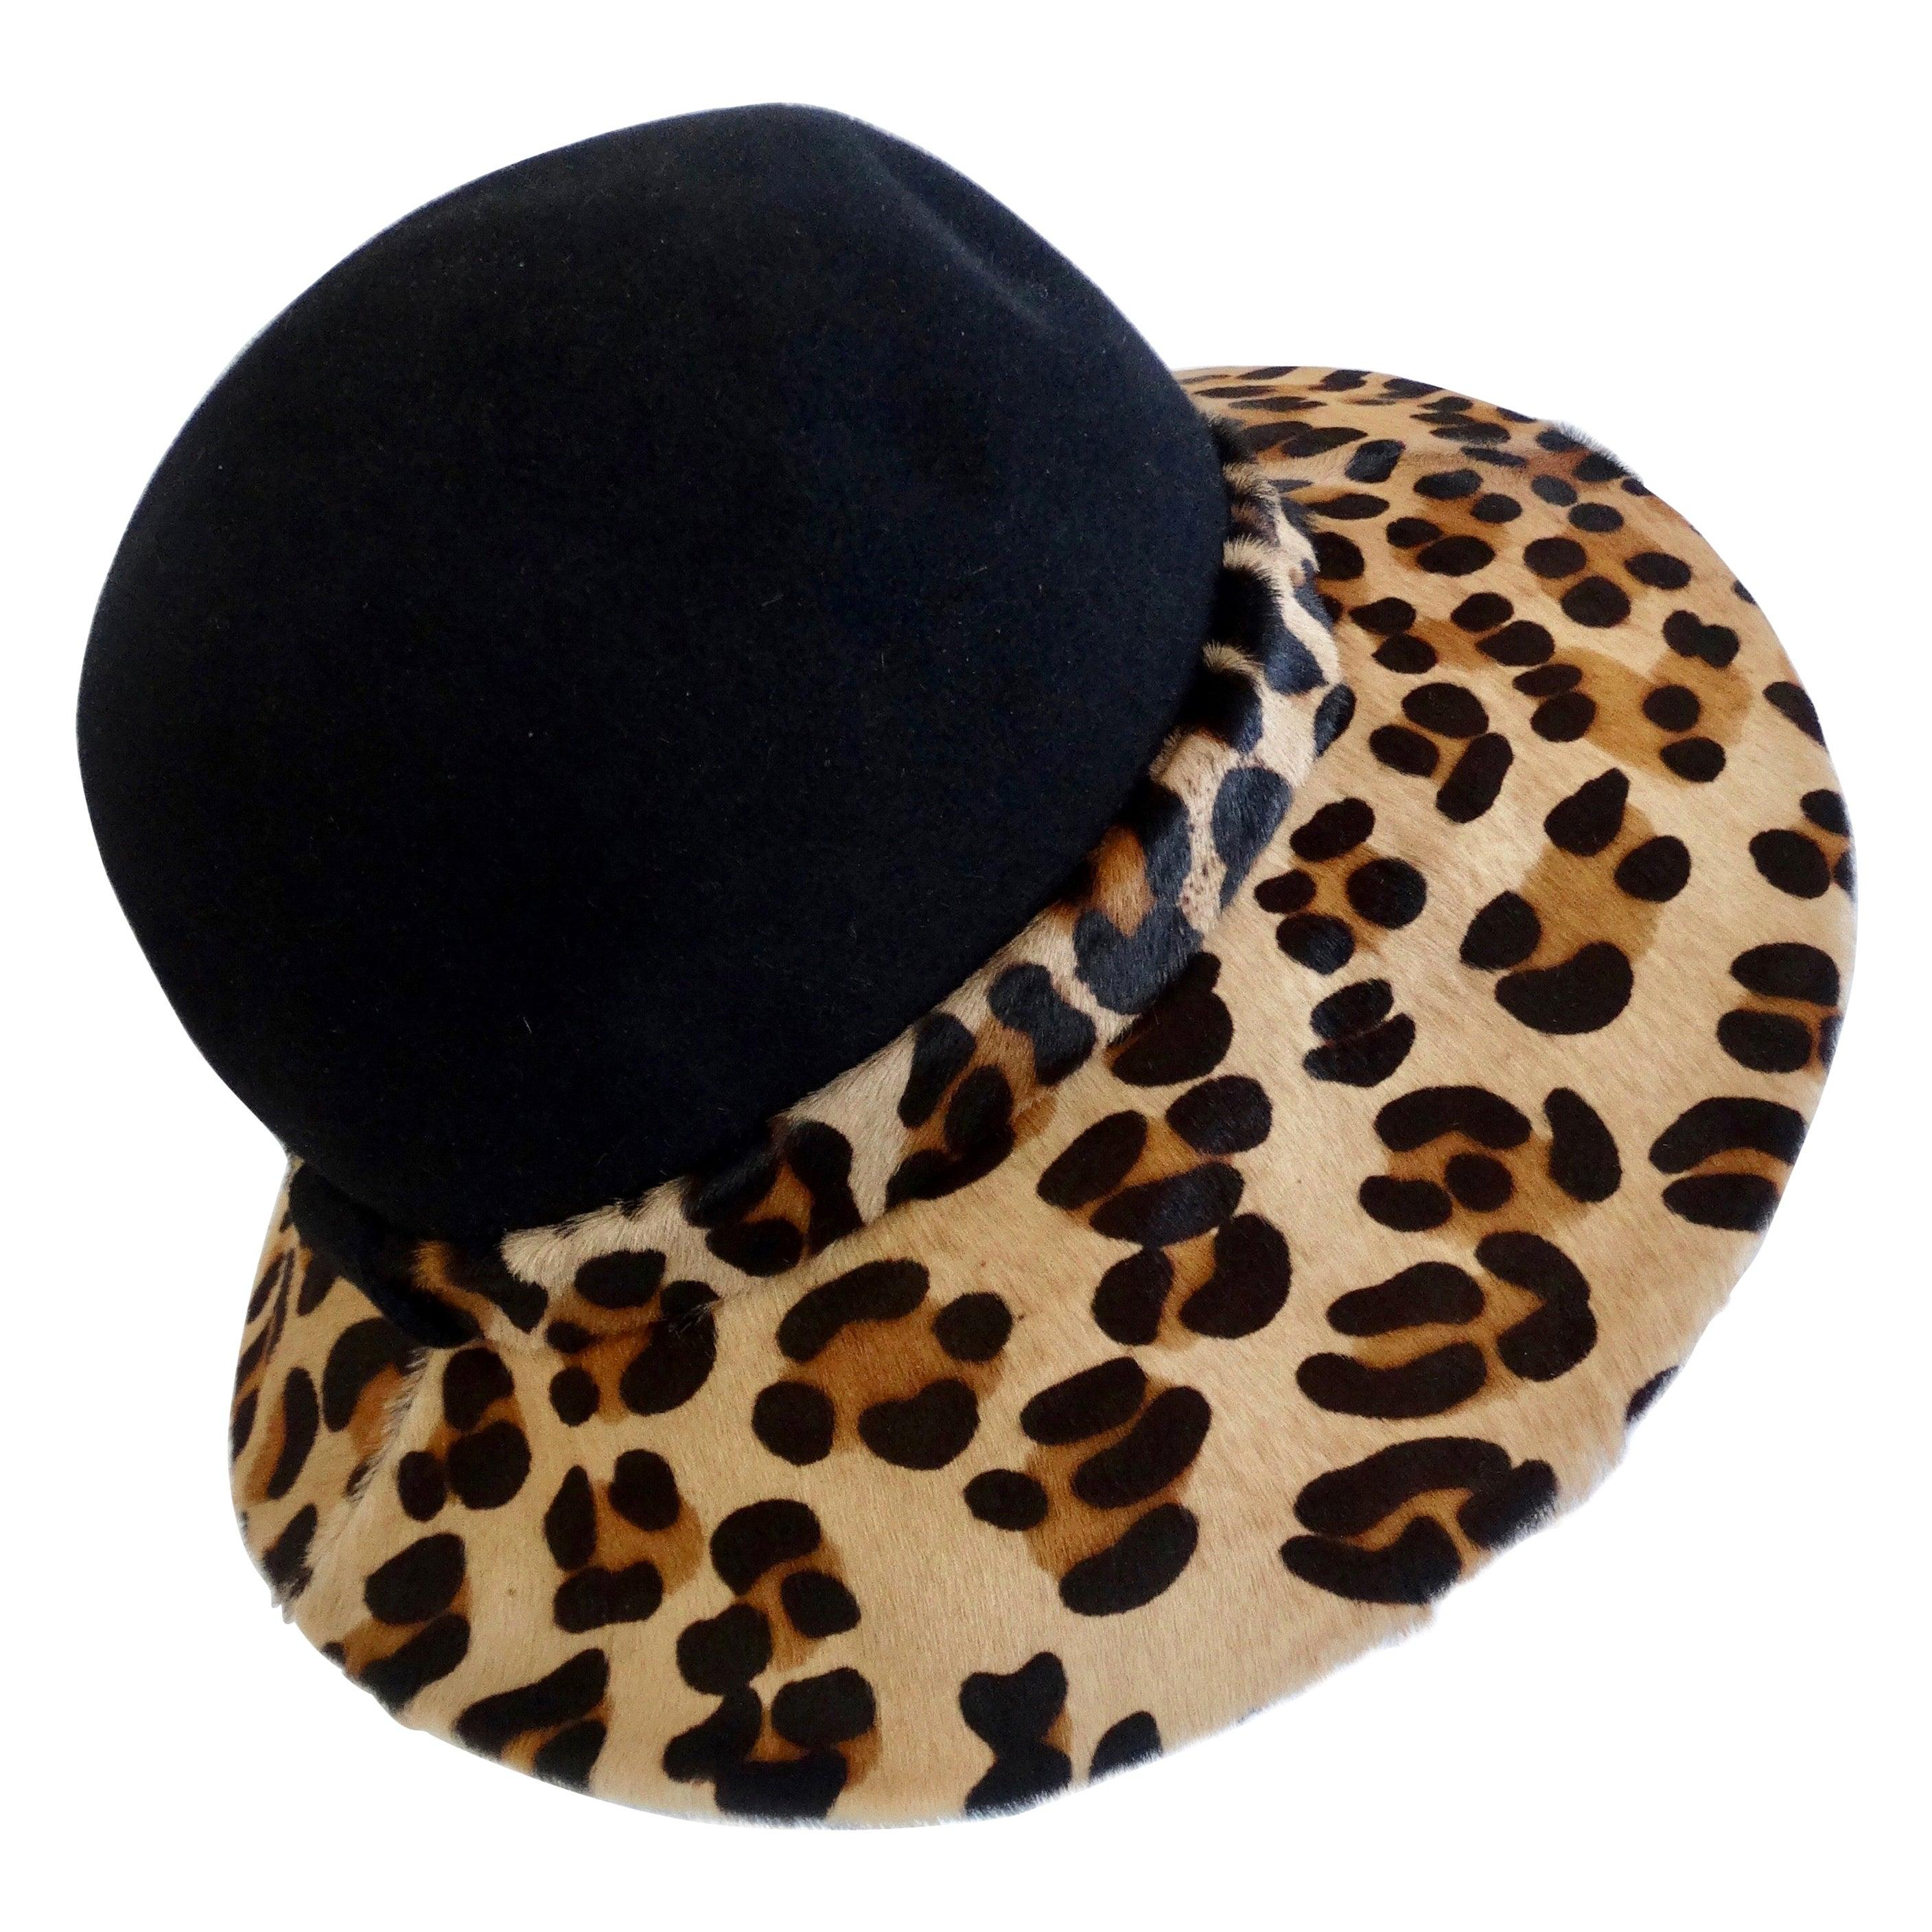 Frank Oliver Leopard Print Trim Hat